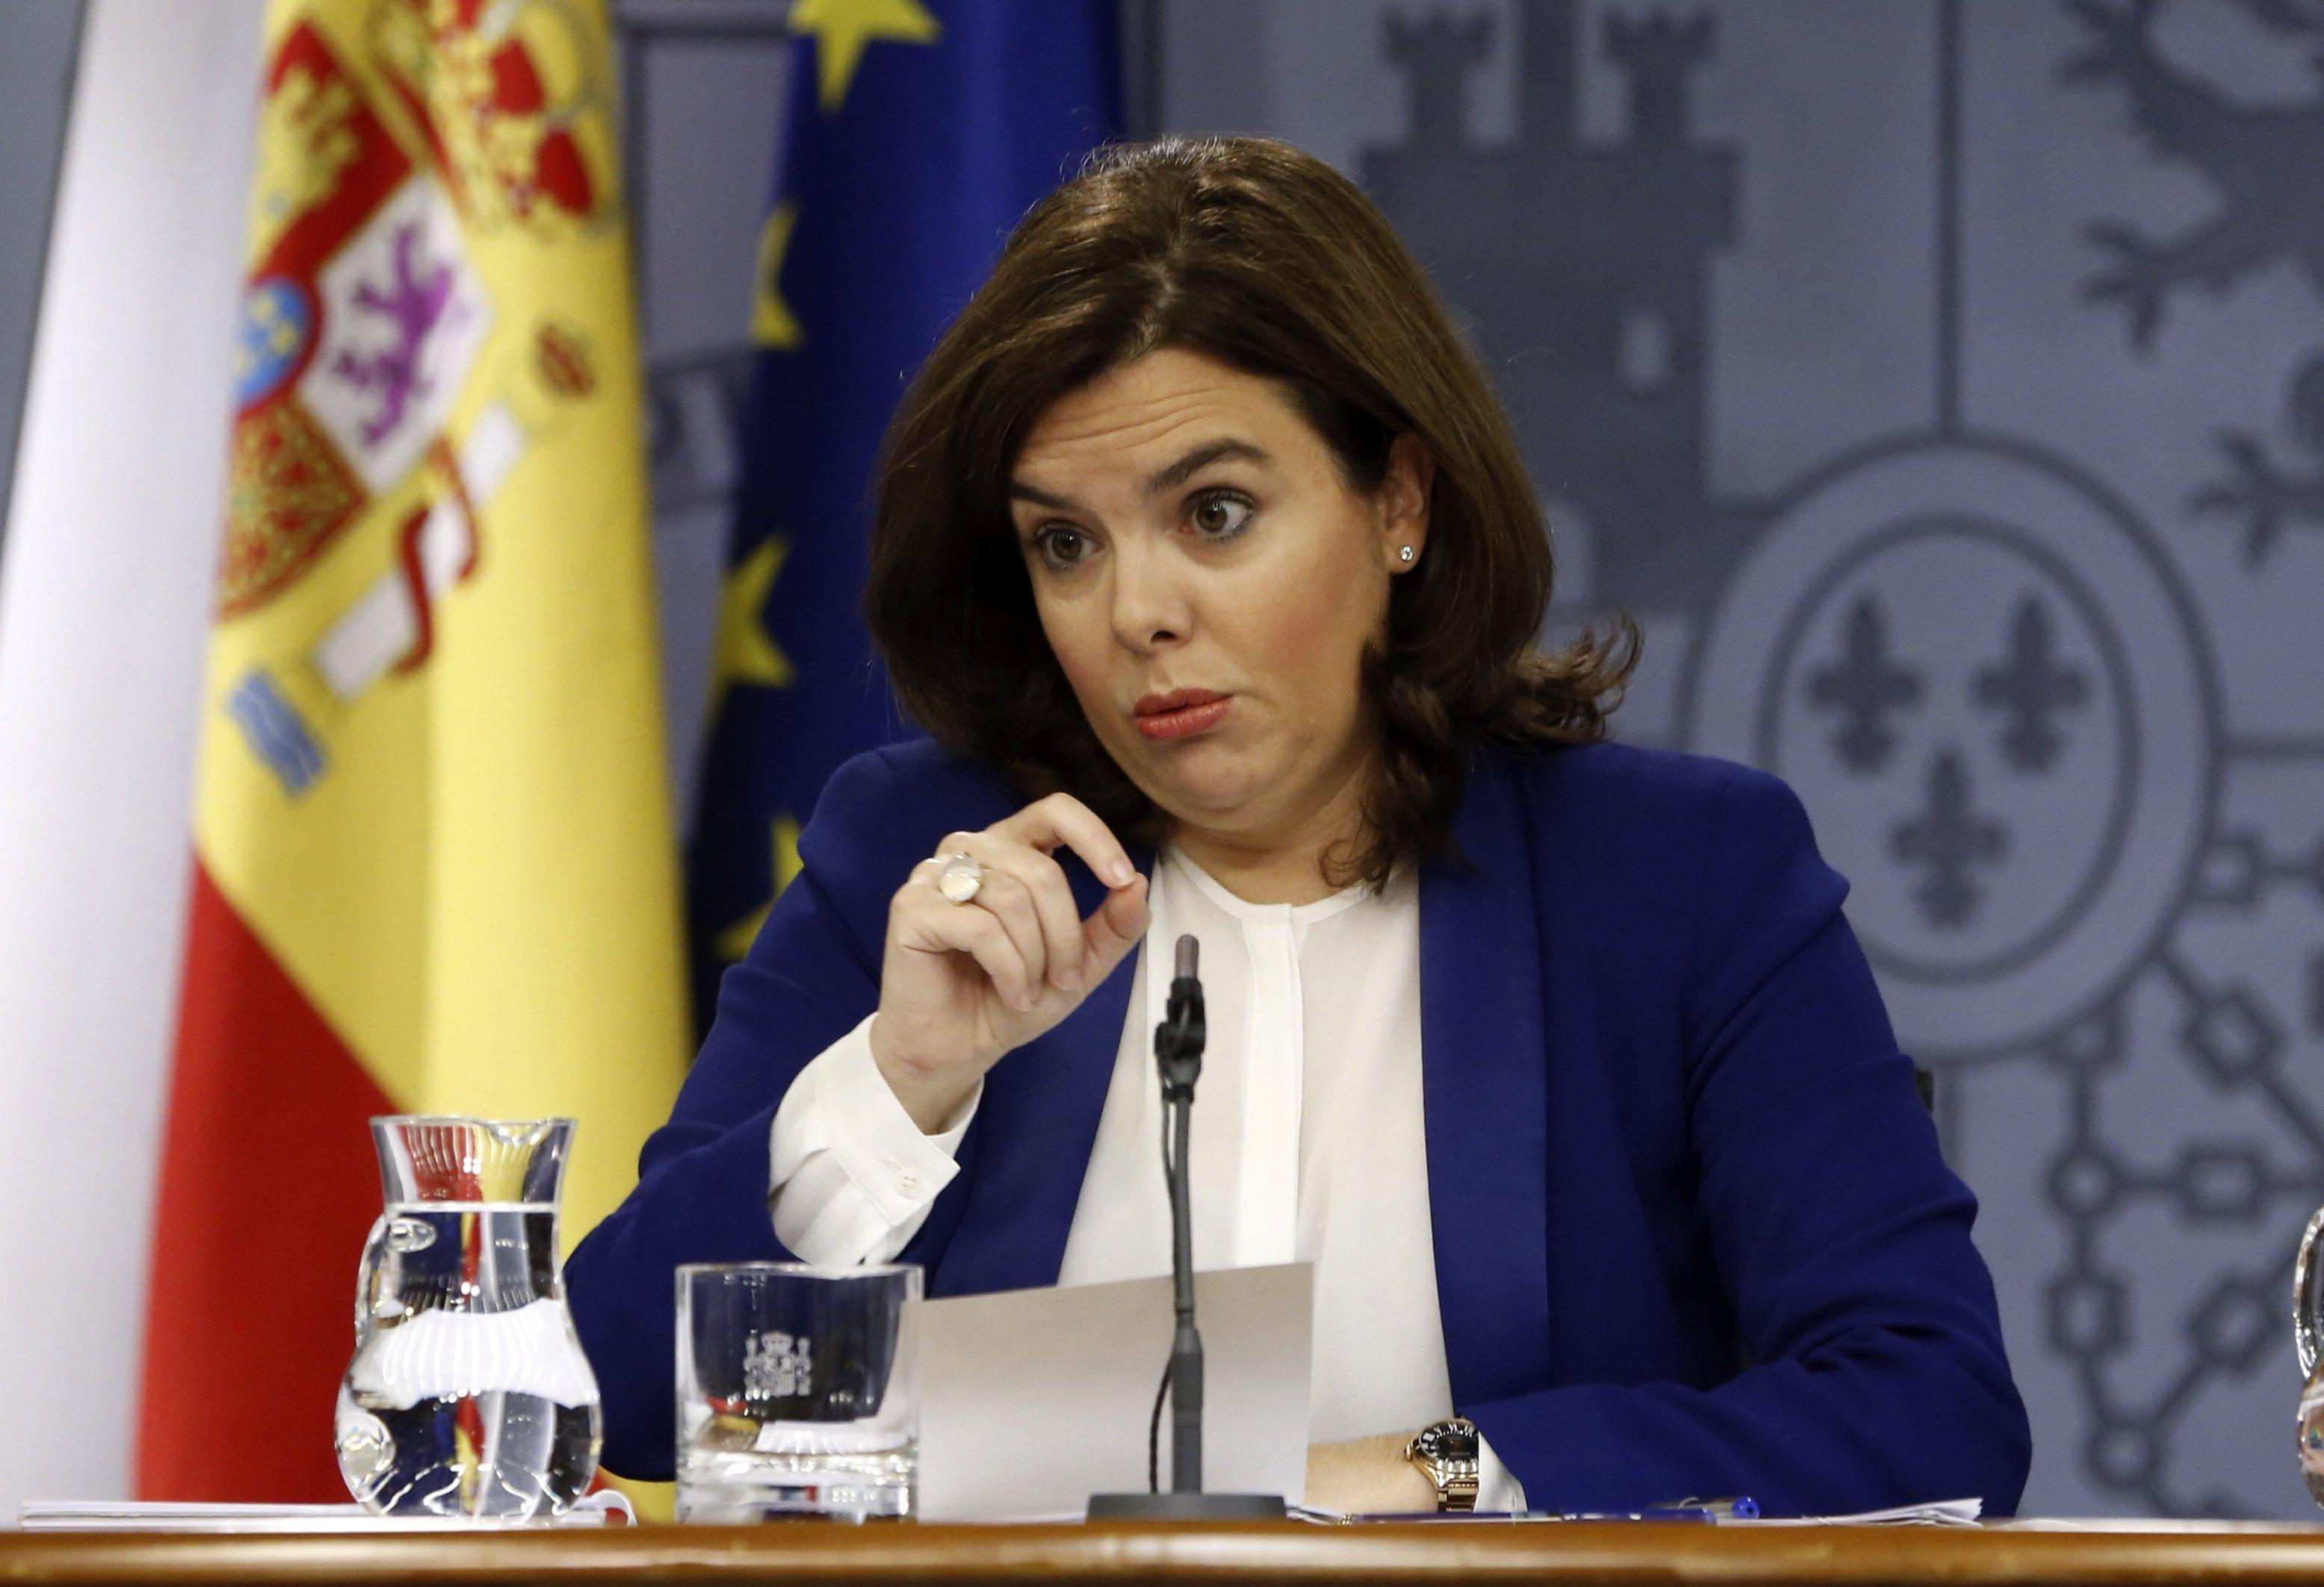 Soraya Sáenz de Santamaría en rueda de prensa tras el Consejo de Ministros. (FOTO:EFE)